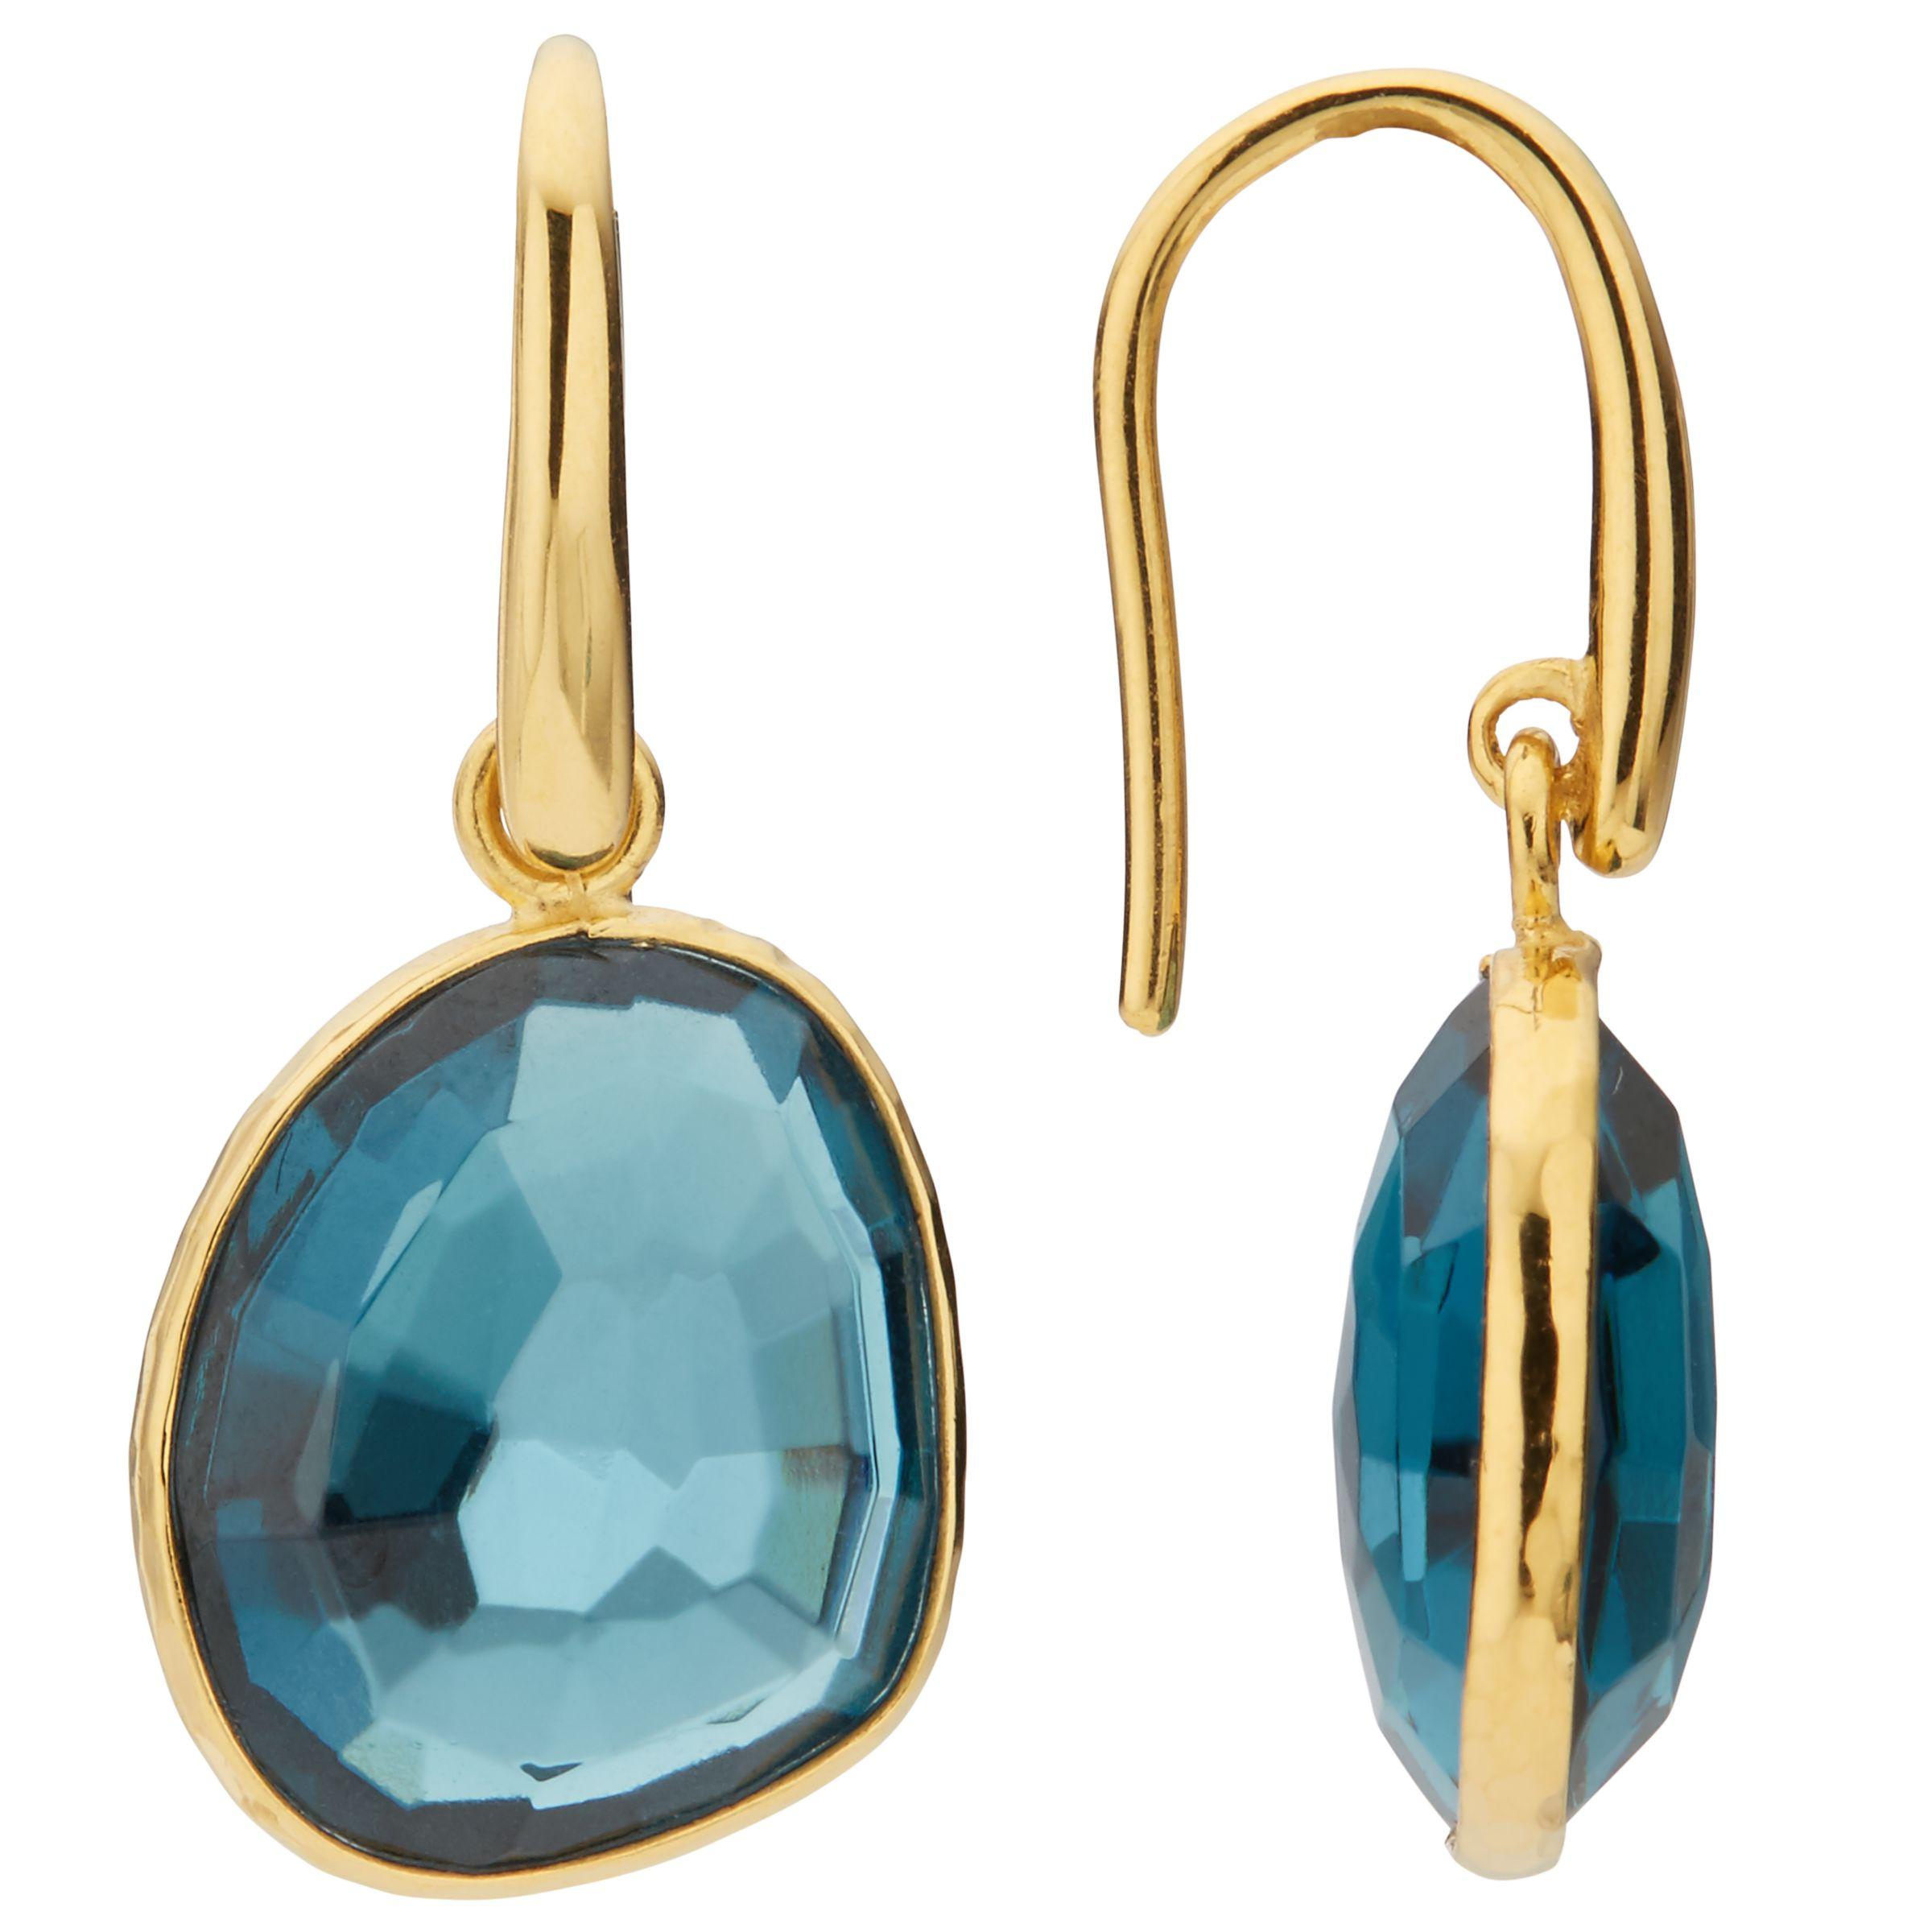 John Lewis Gemstones John Lewis Gemstones Topaz Simple Drop Earrings, Blue/Gold